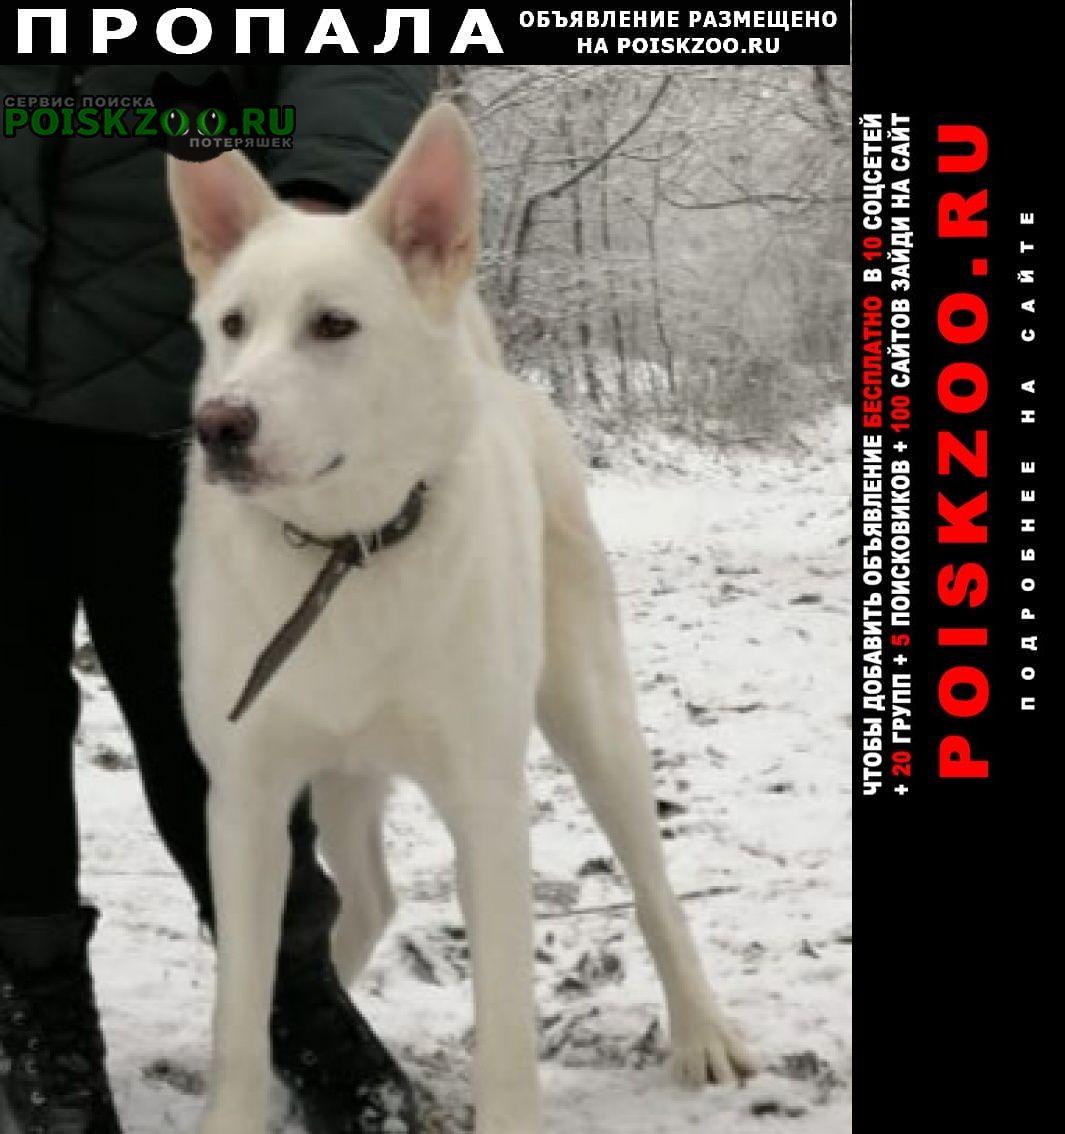 Пропала собака Владикавказ